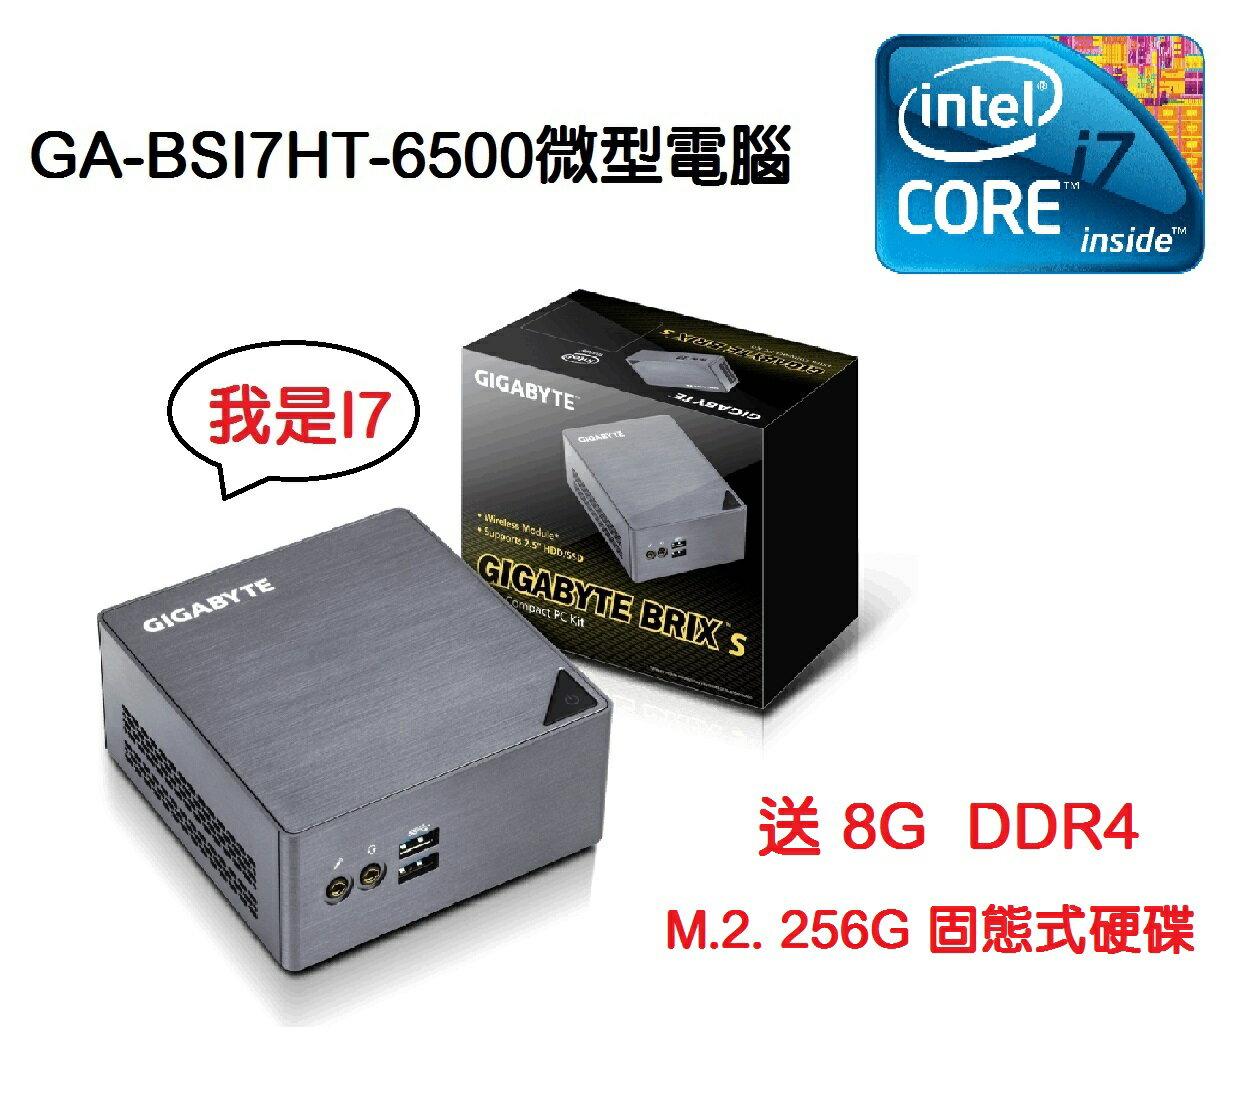 【 儲存家3C 】技嘉GB-BSI7HT-6500 迷你電腦